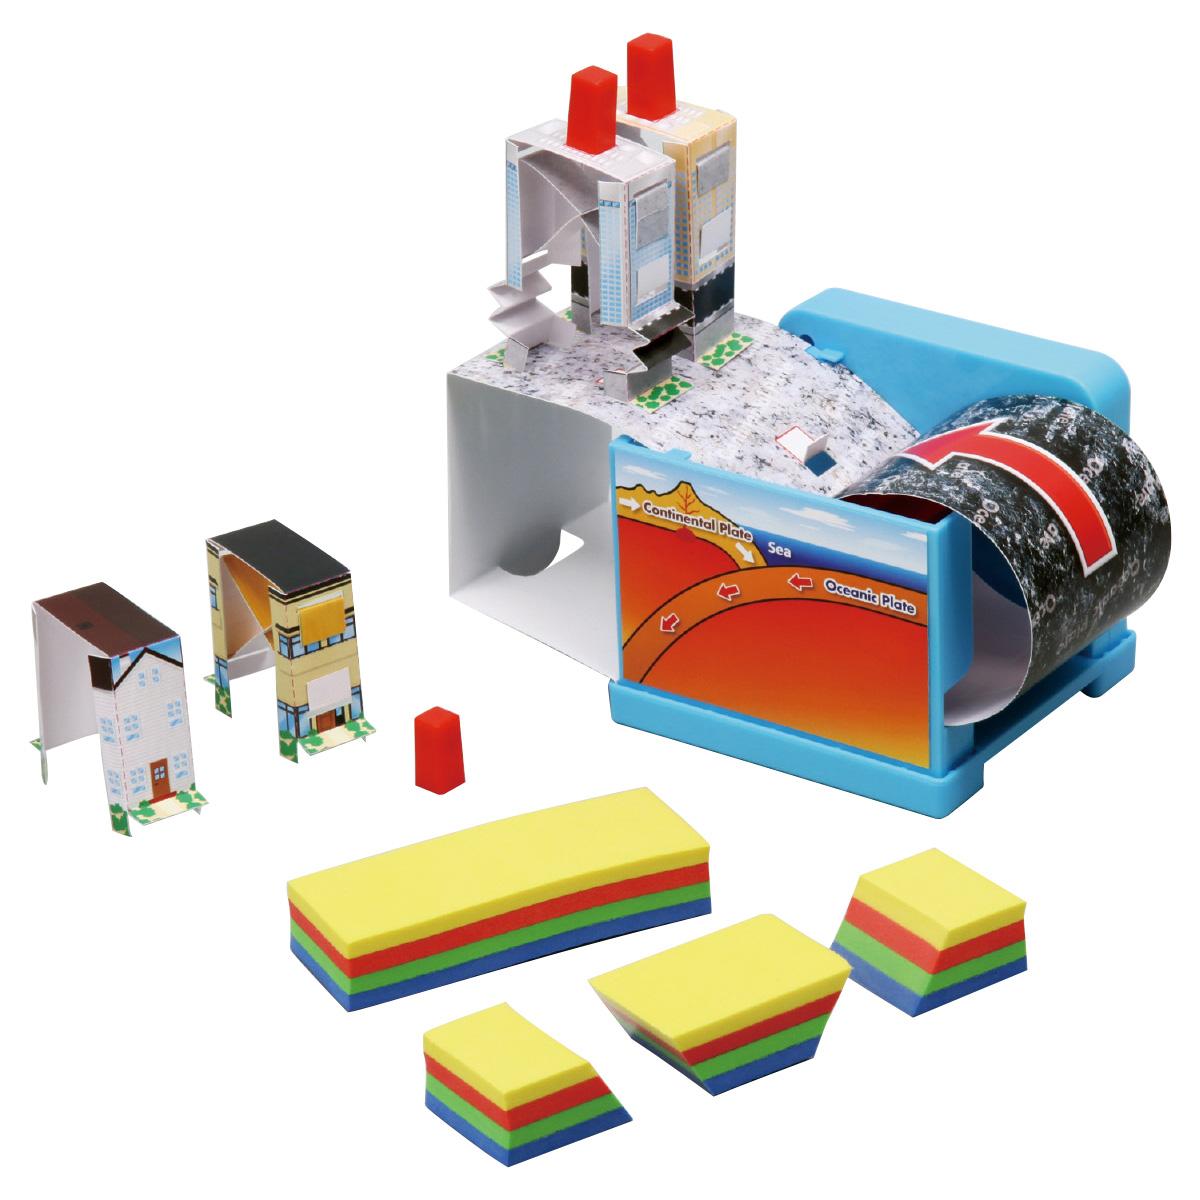 地震再現キット 工作 実験 キット 理科 科学 キッズ 小学生 学校 教材 備品 自由研究 知育玩具 クリスマスプレゼント